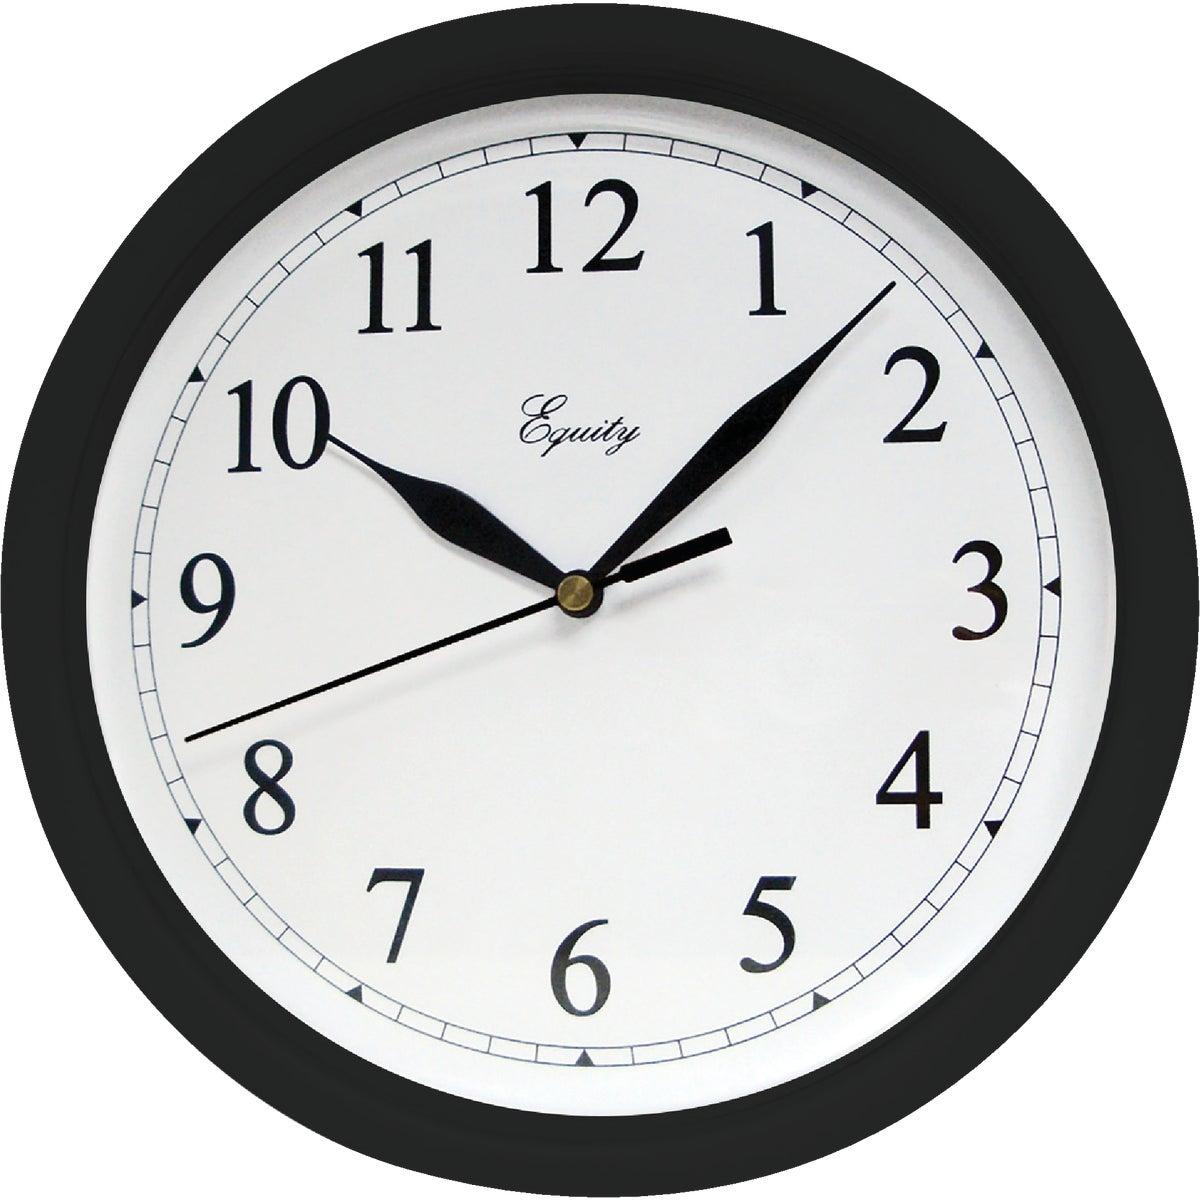 QUARTZ WALL CLOCK - 8102 by Geneva Clock Company